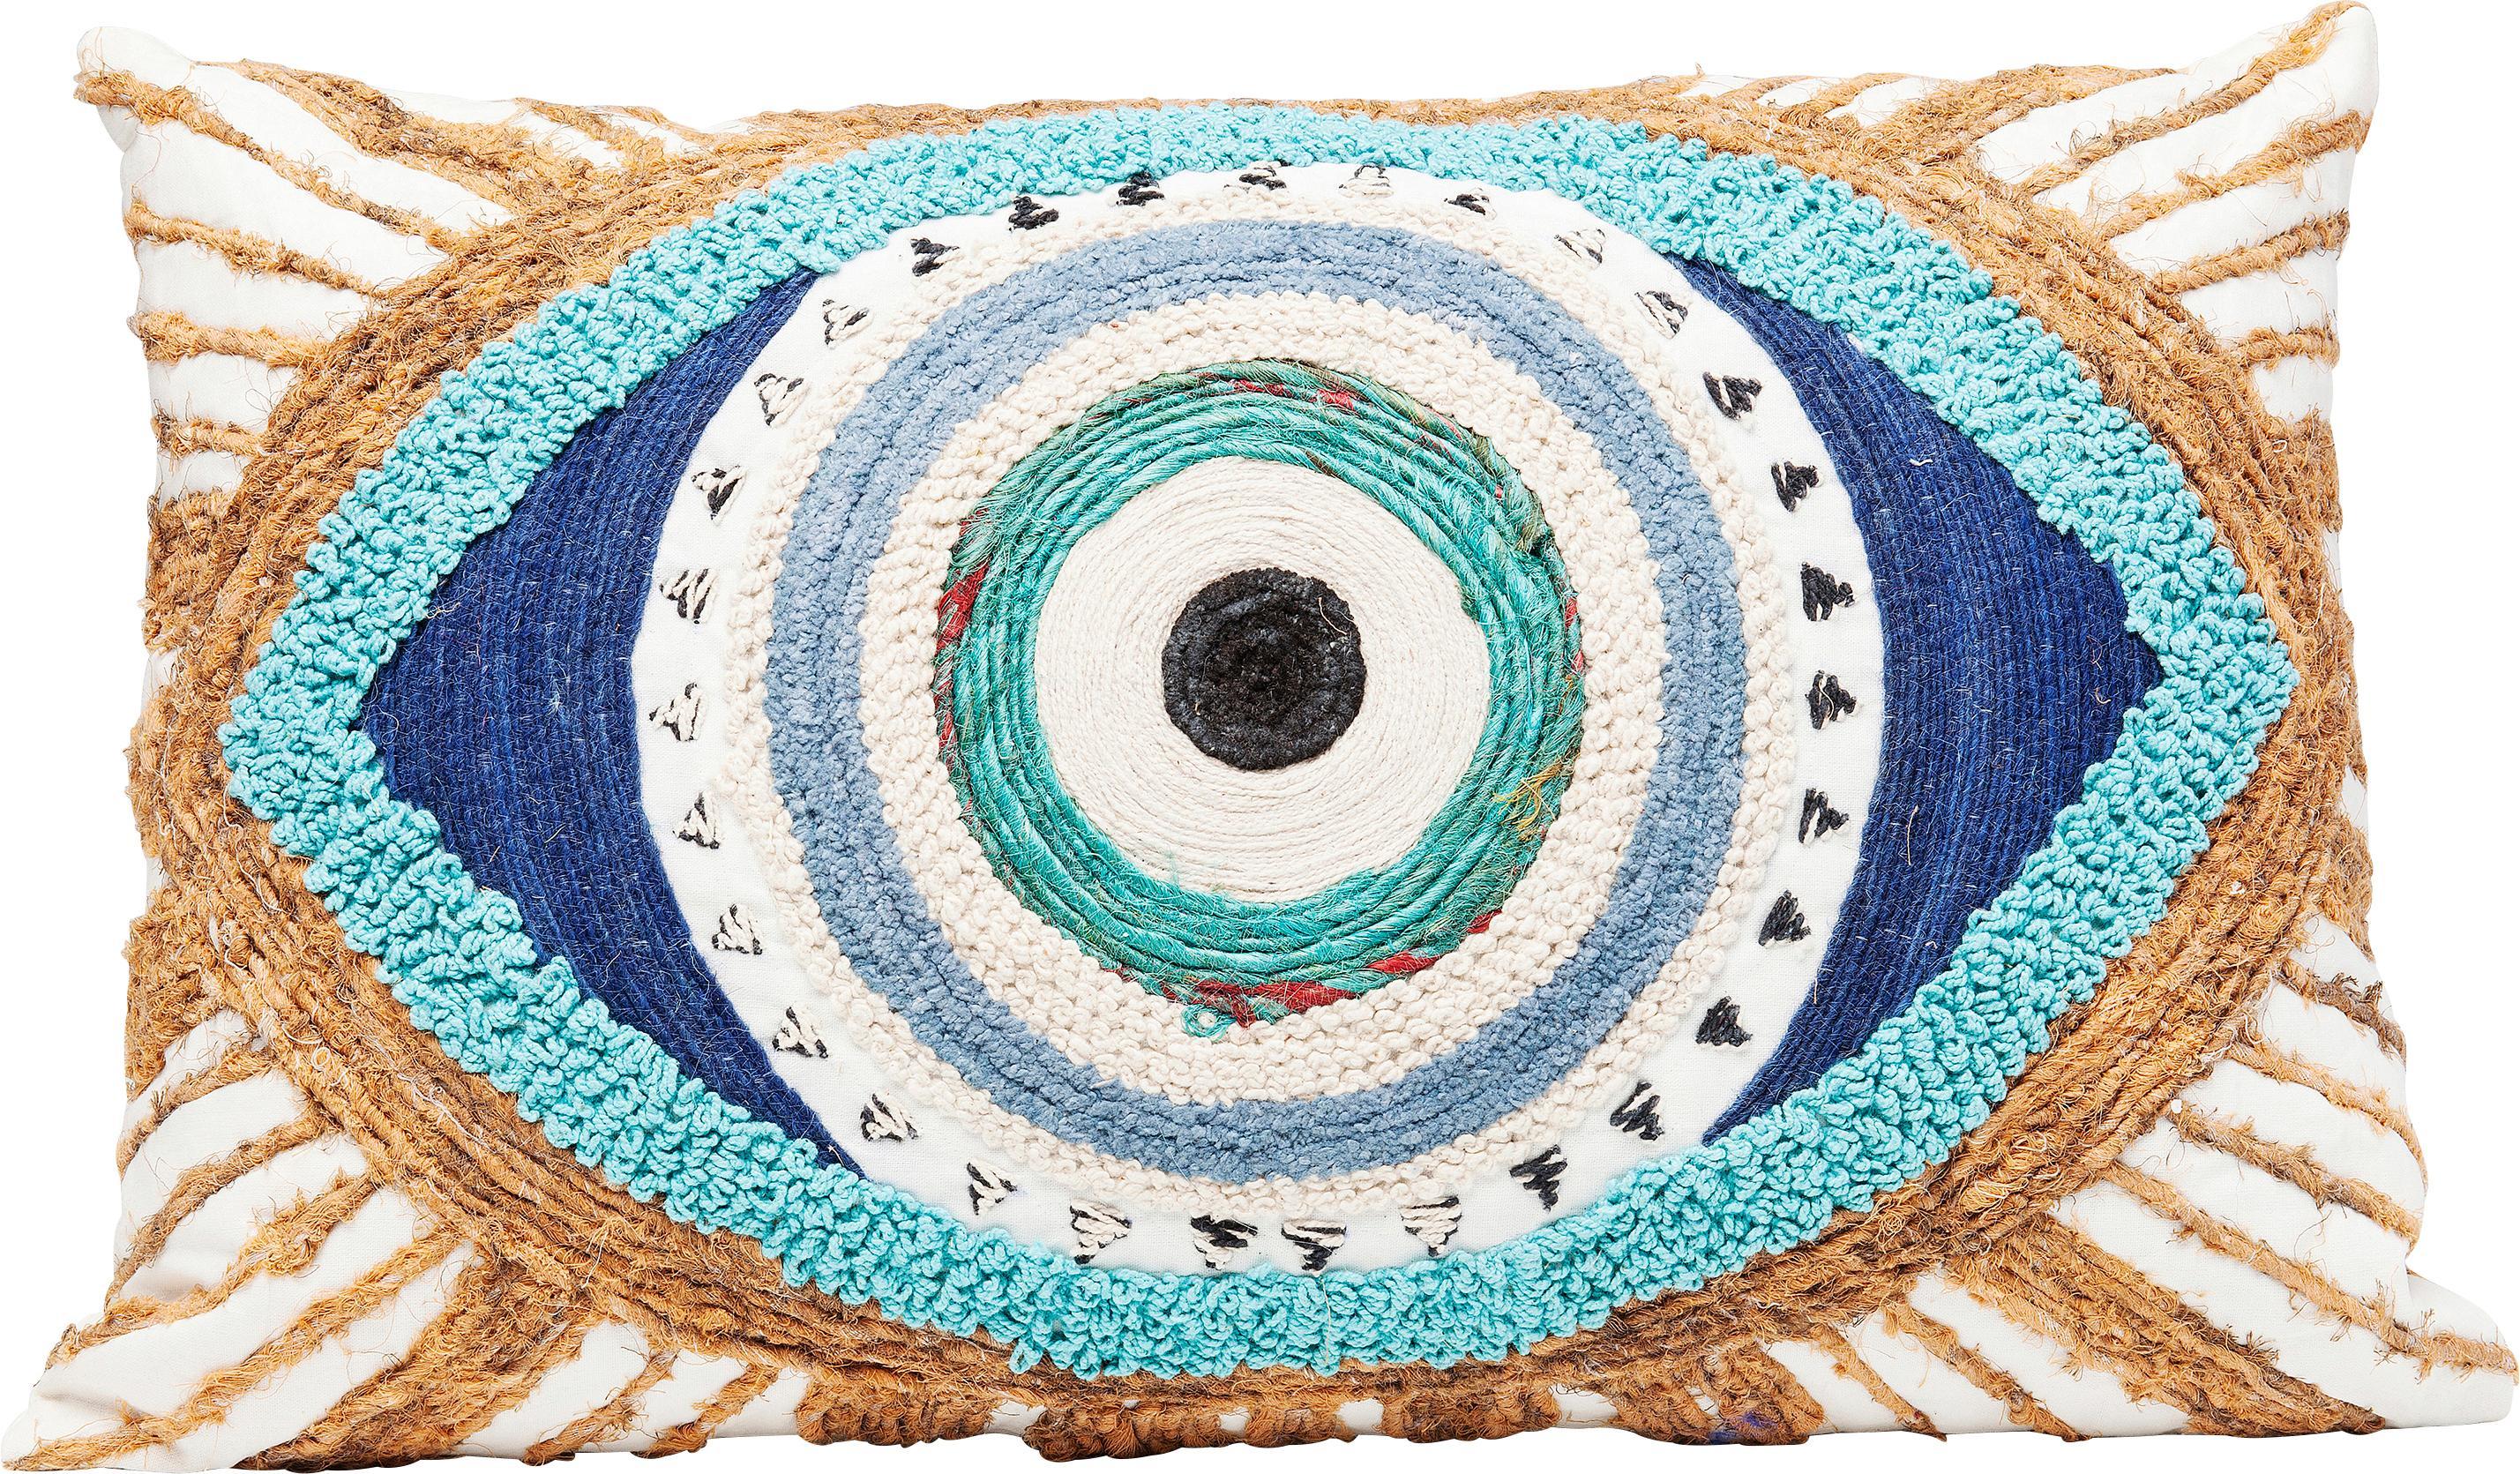 Besticktes Kissen Ethno Eye mit Jute Verzierungen, mit Inlett, Bezug: 100% Baumwolle, Weiß, Beige, Blau, 35 x 55 cm